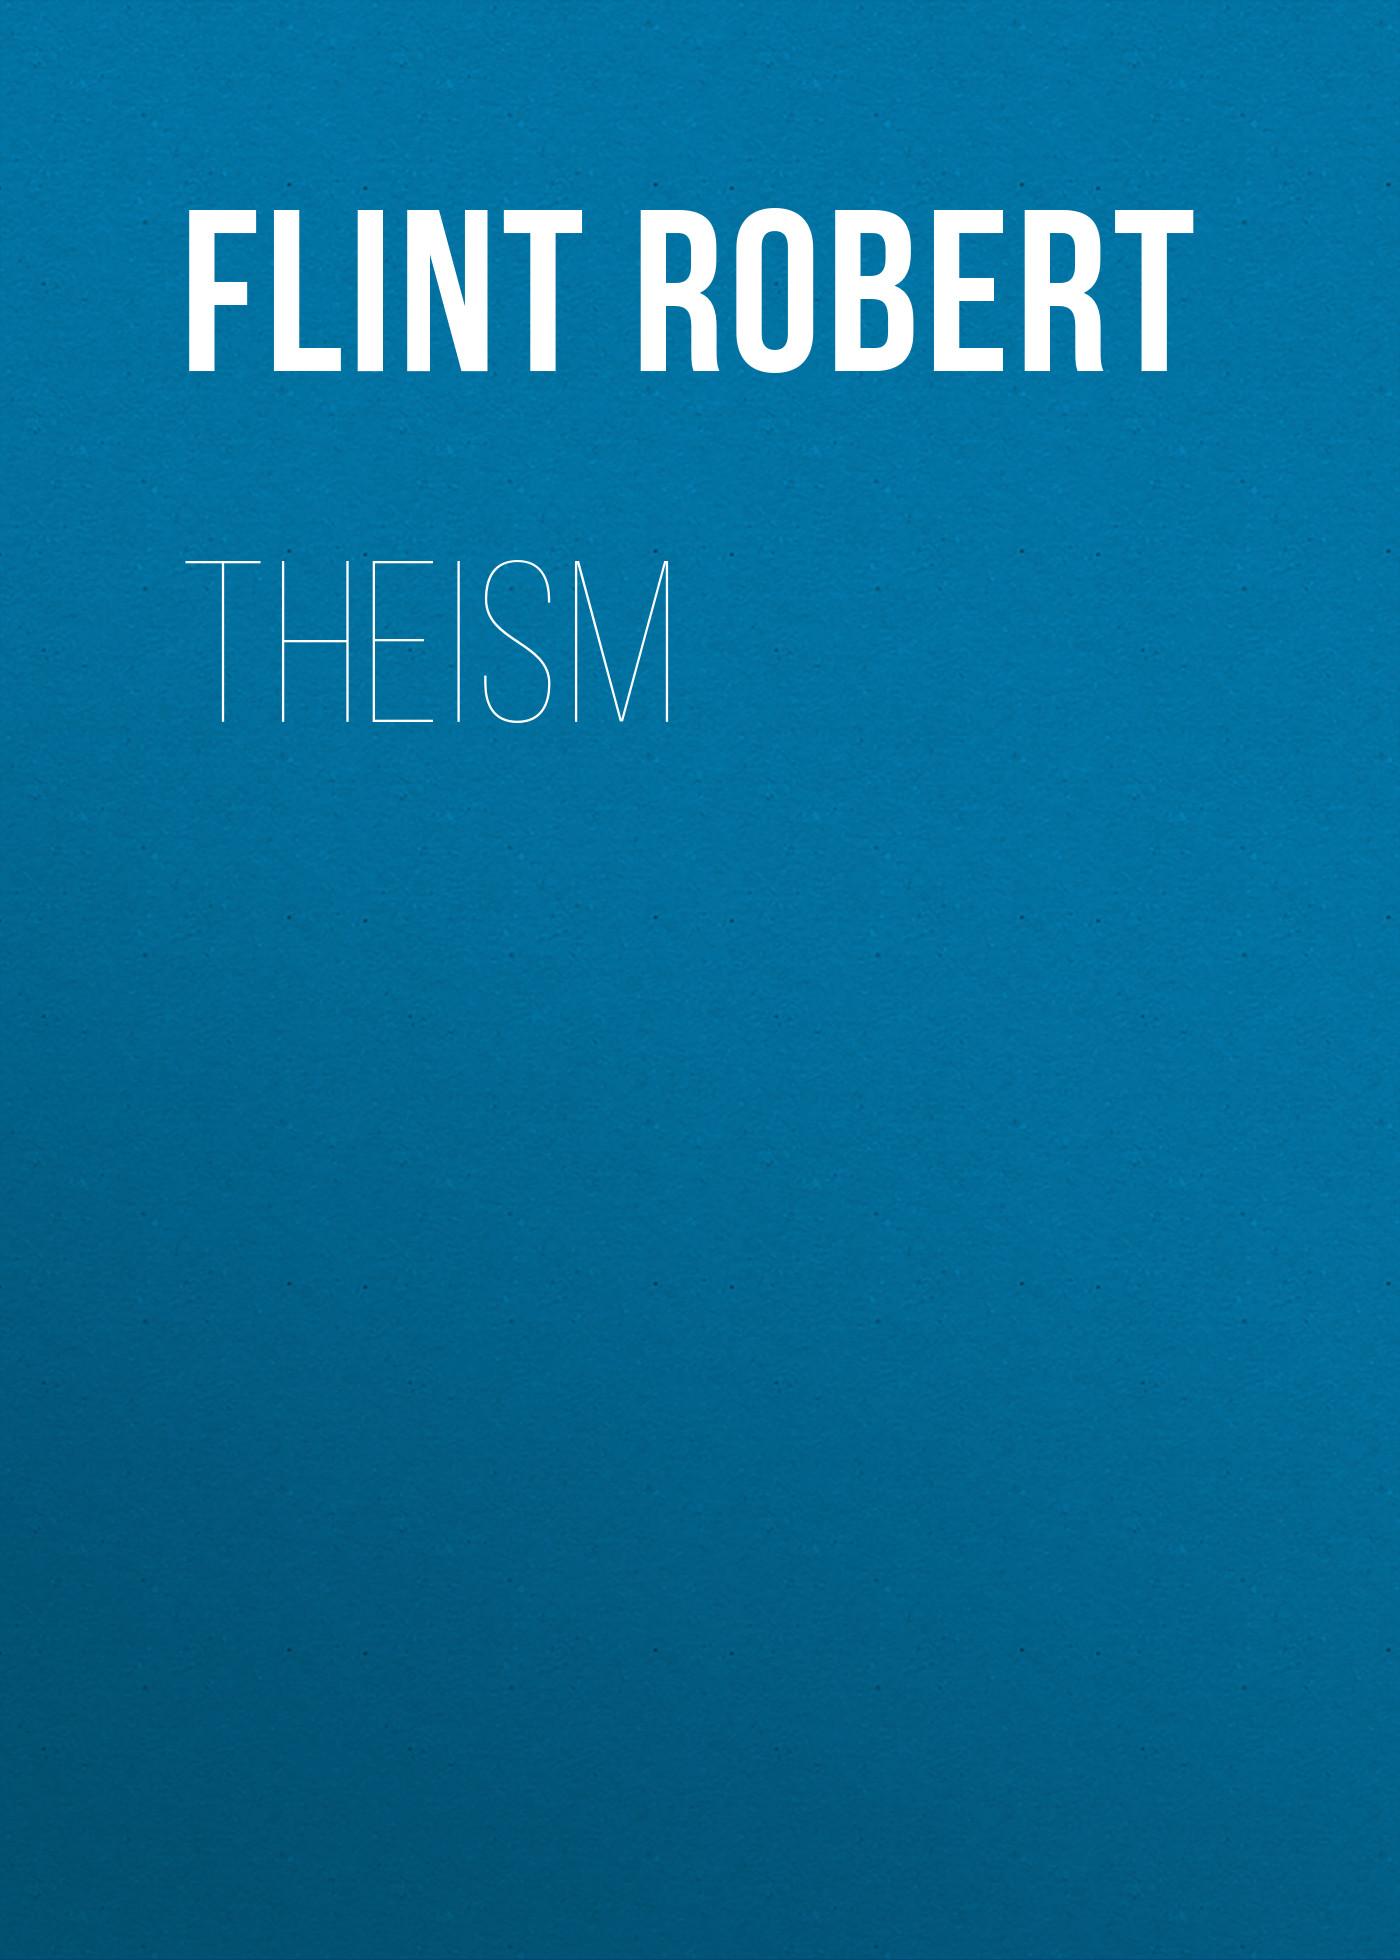 Flint Robert Theism robert doisneau 16 posters